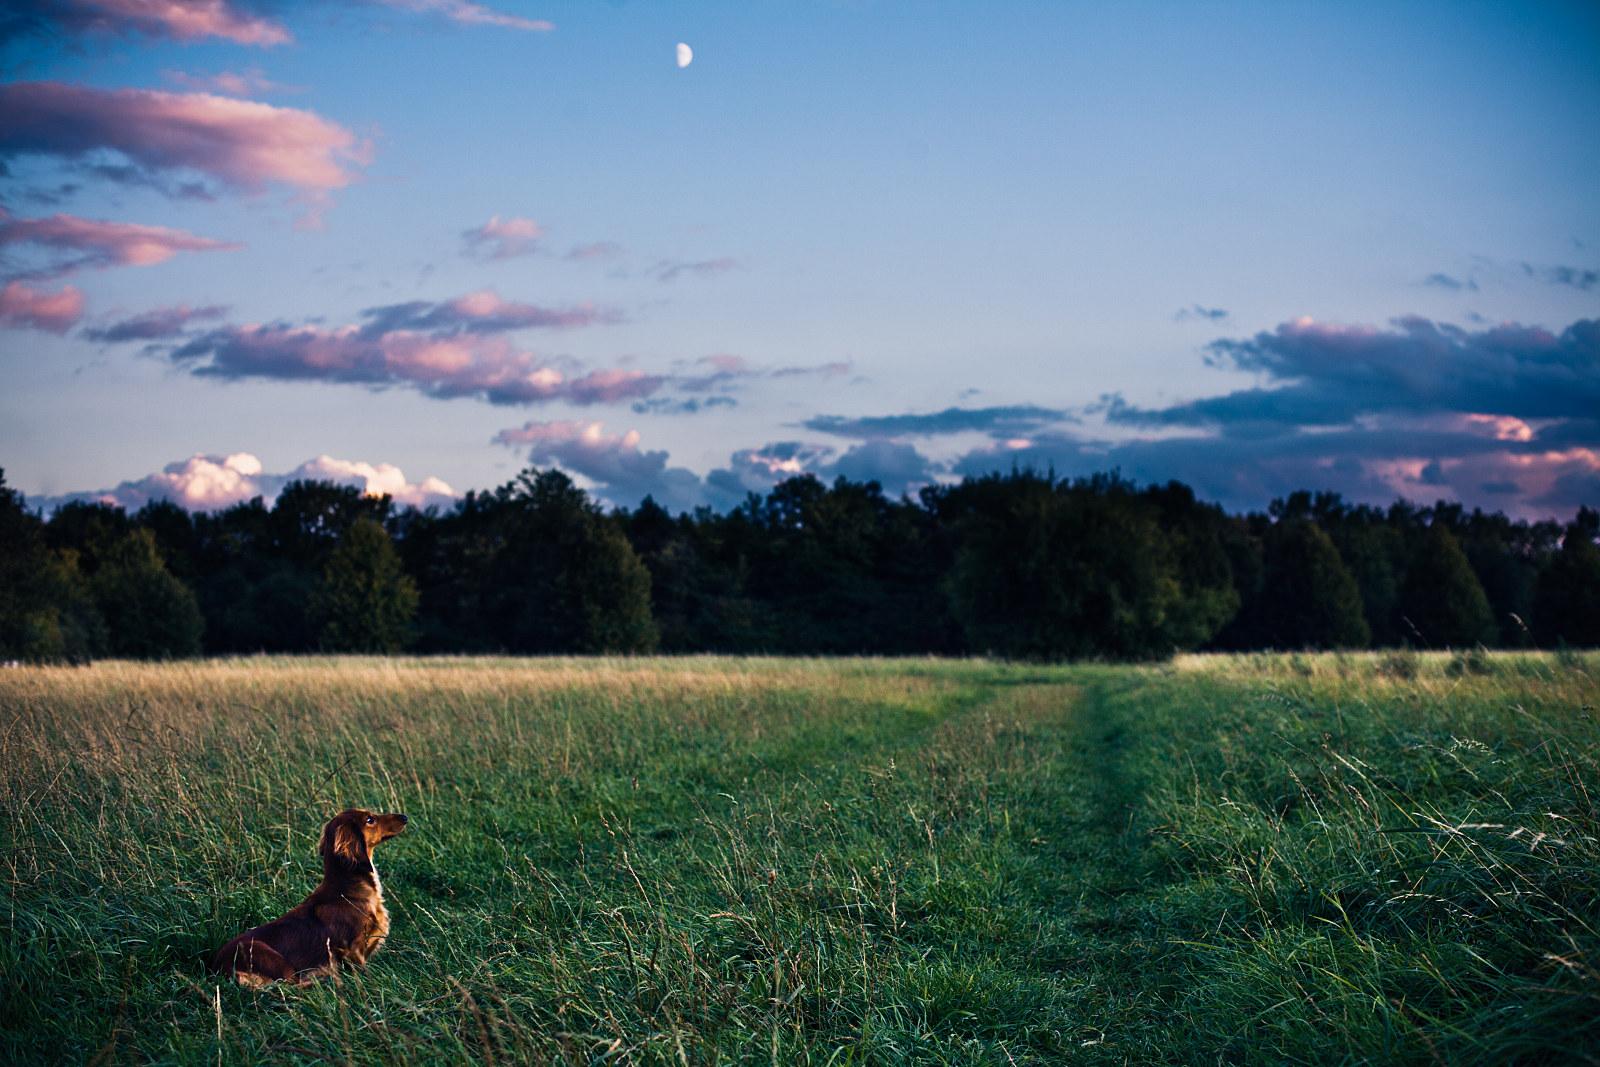 Twilight dachshund